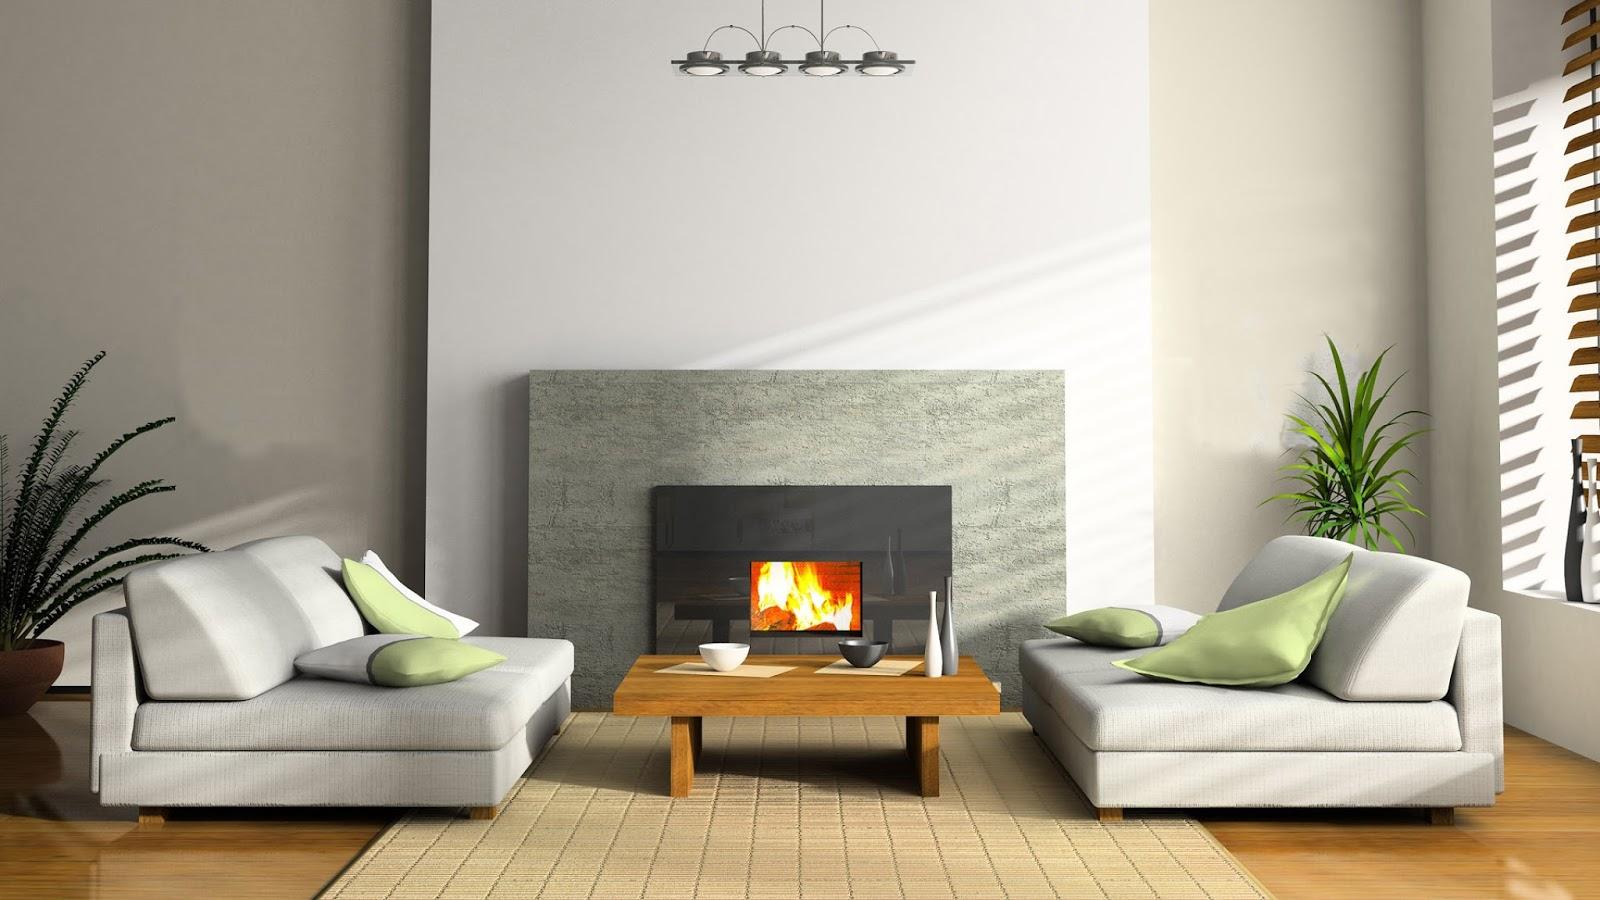 Ideas De Decoraci N Con Obras De Arte Gaudifond Arte ~ Decoracion Modernista Interiores